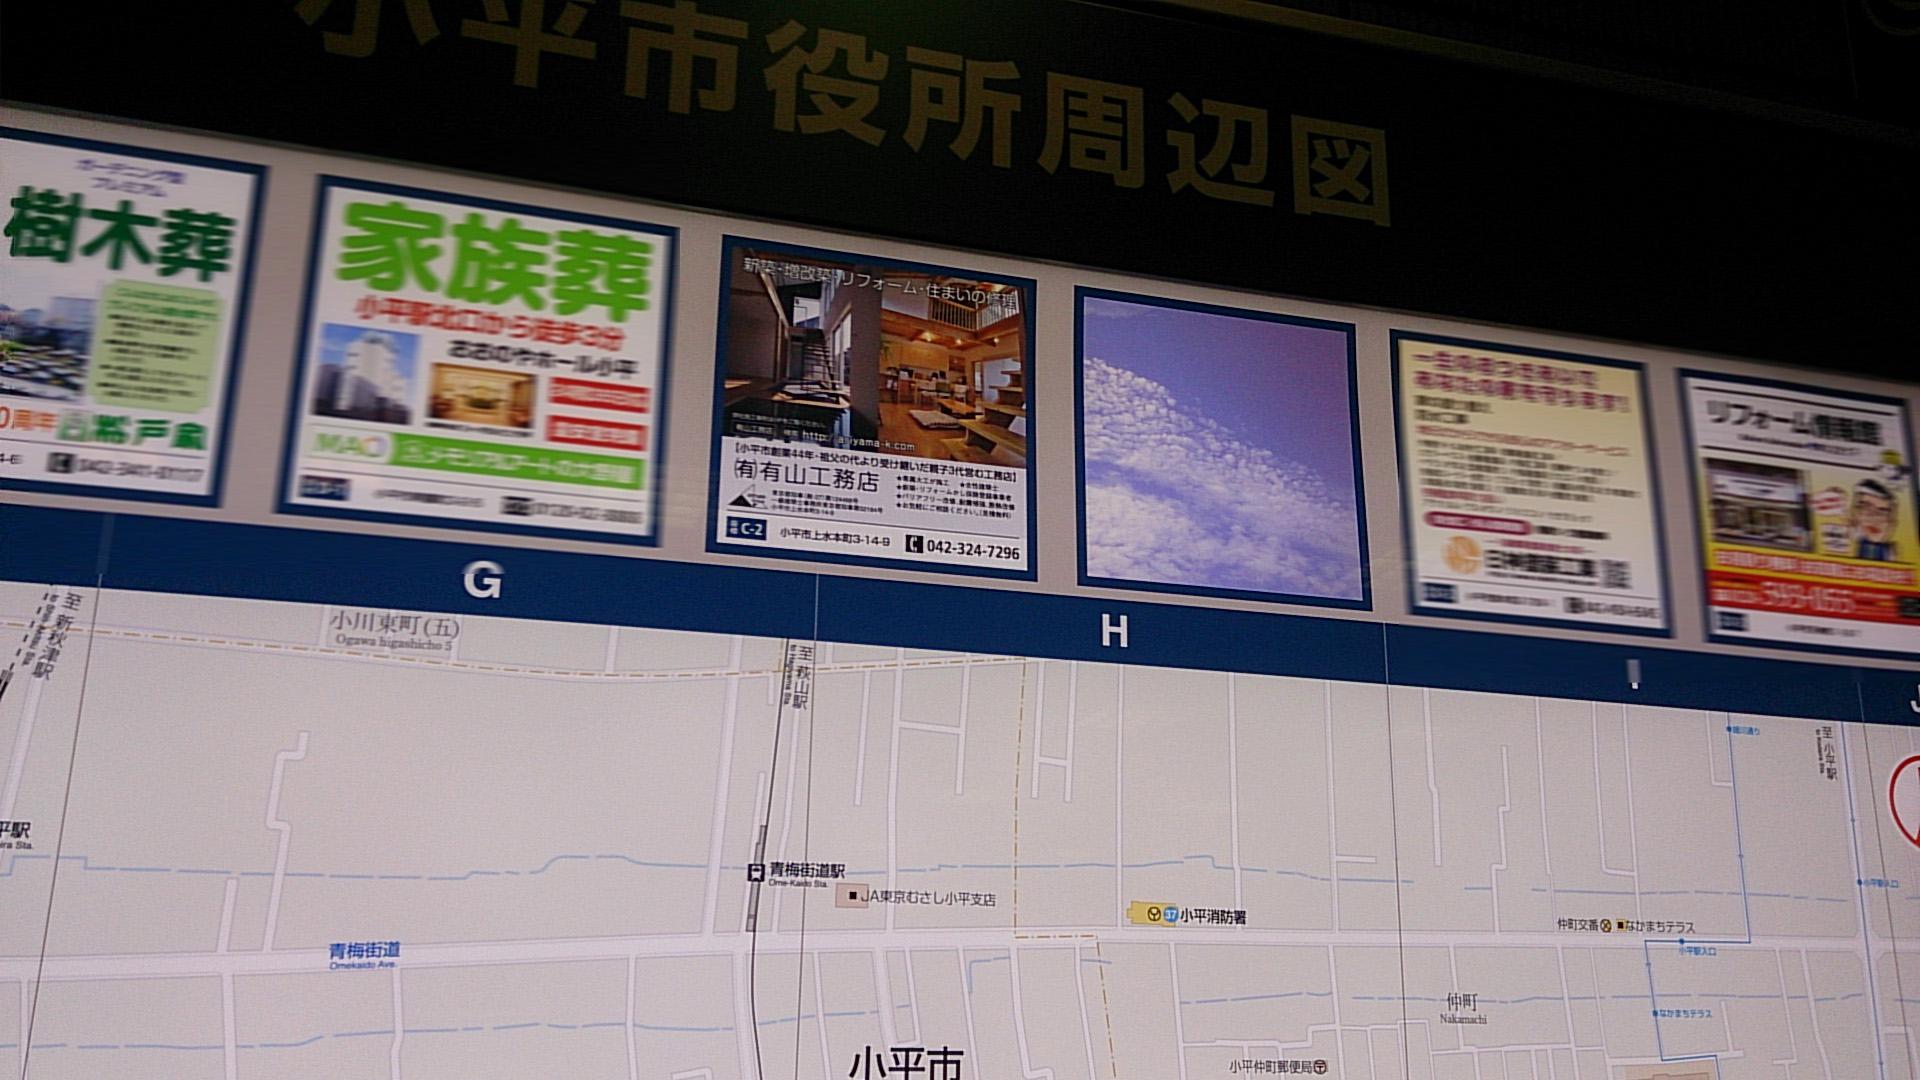 小平市自治体案内図 リニューアル_f0140817_5511281.jpg